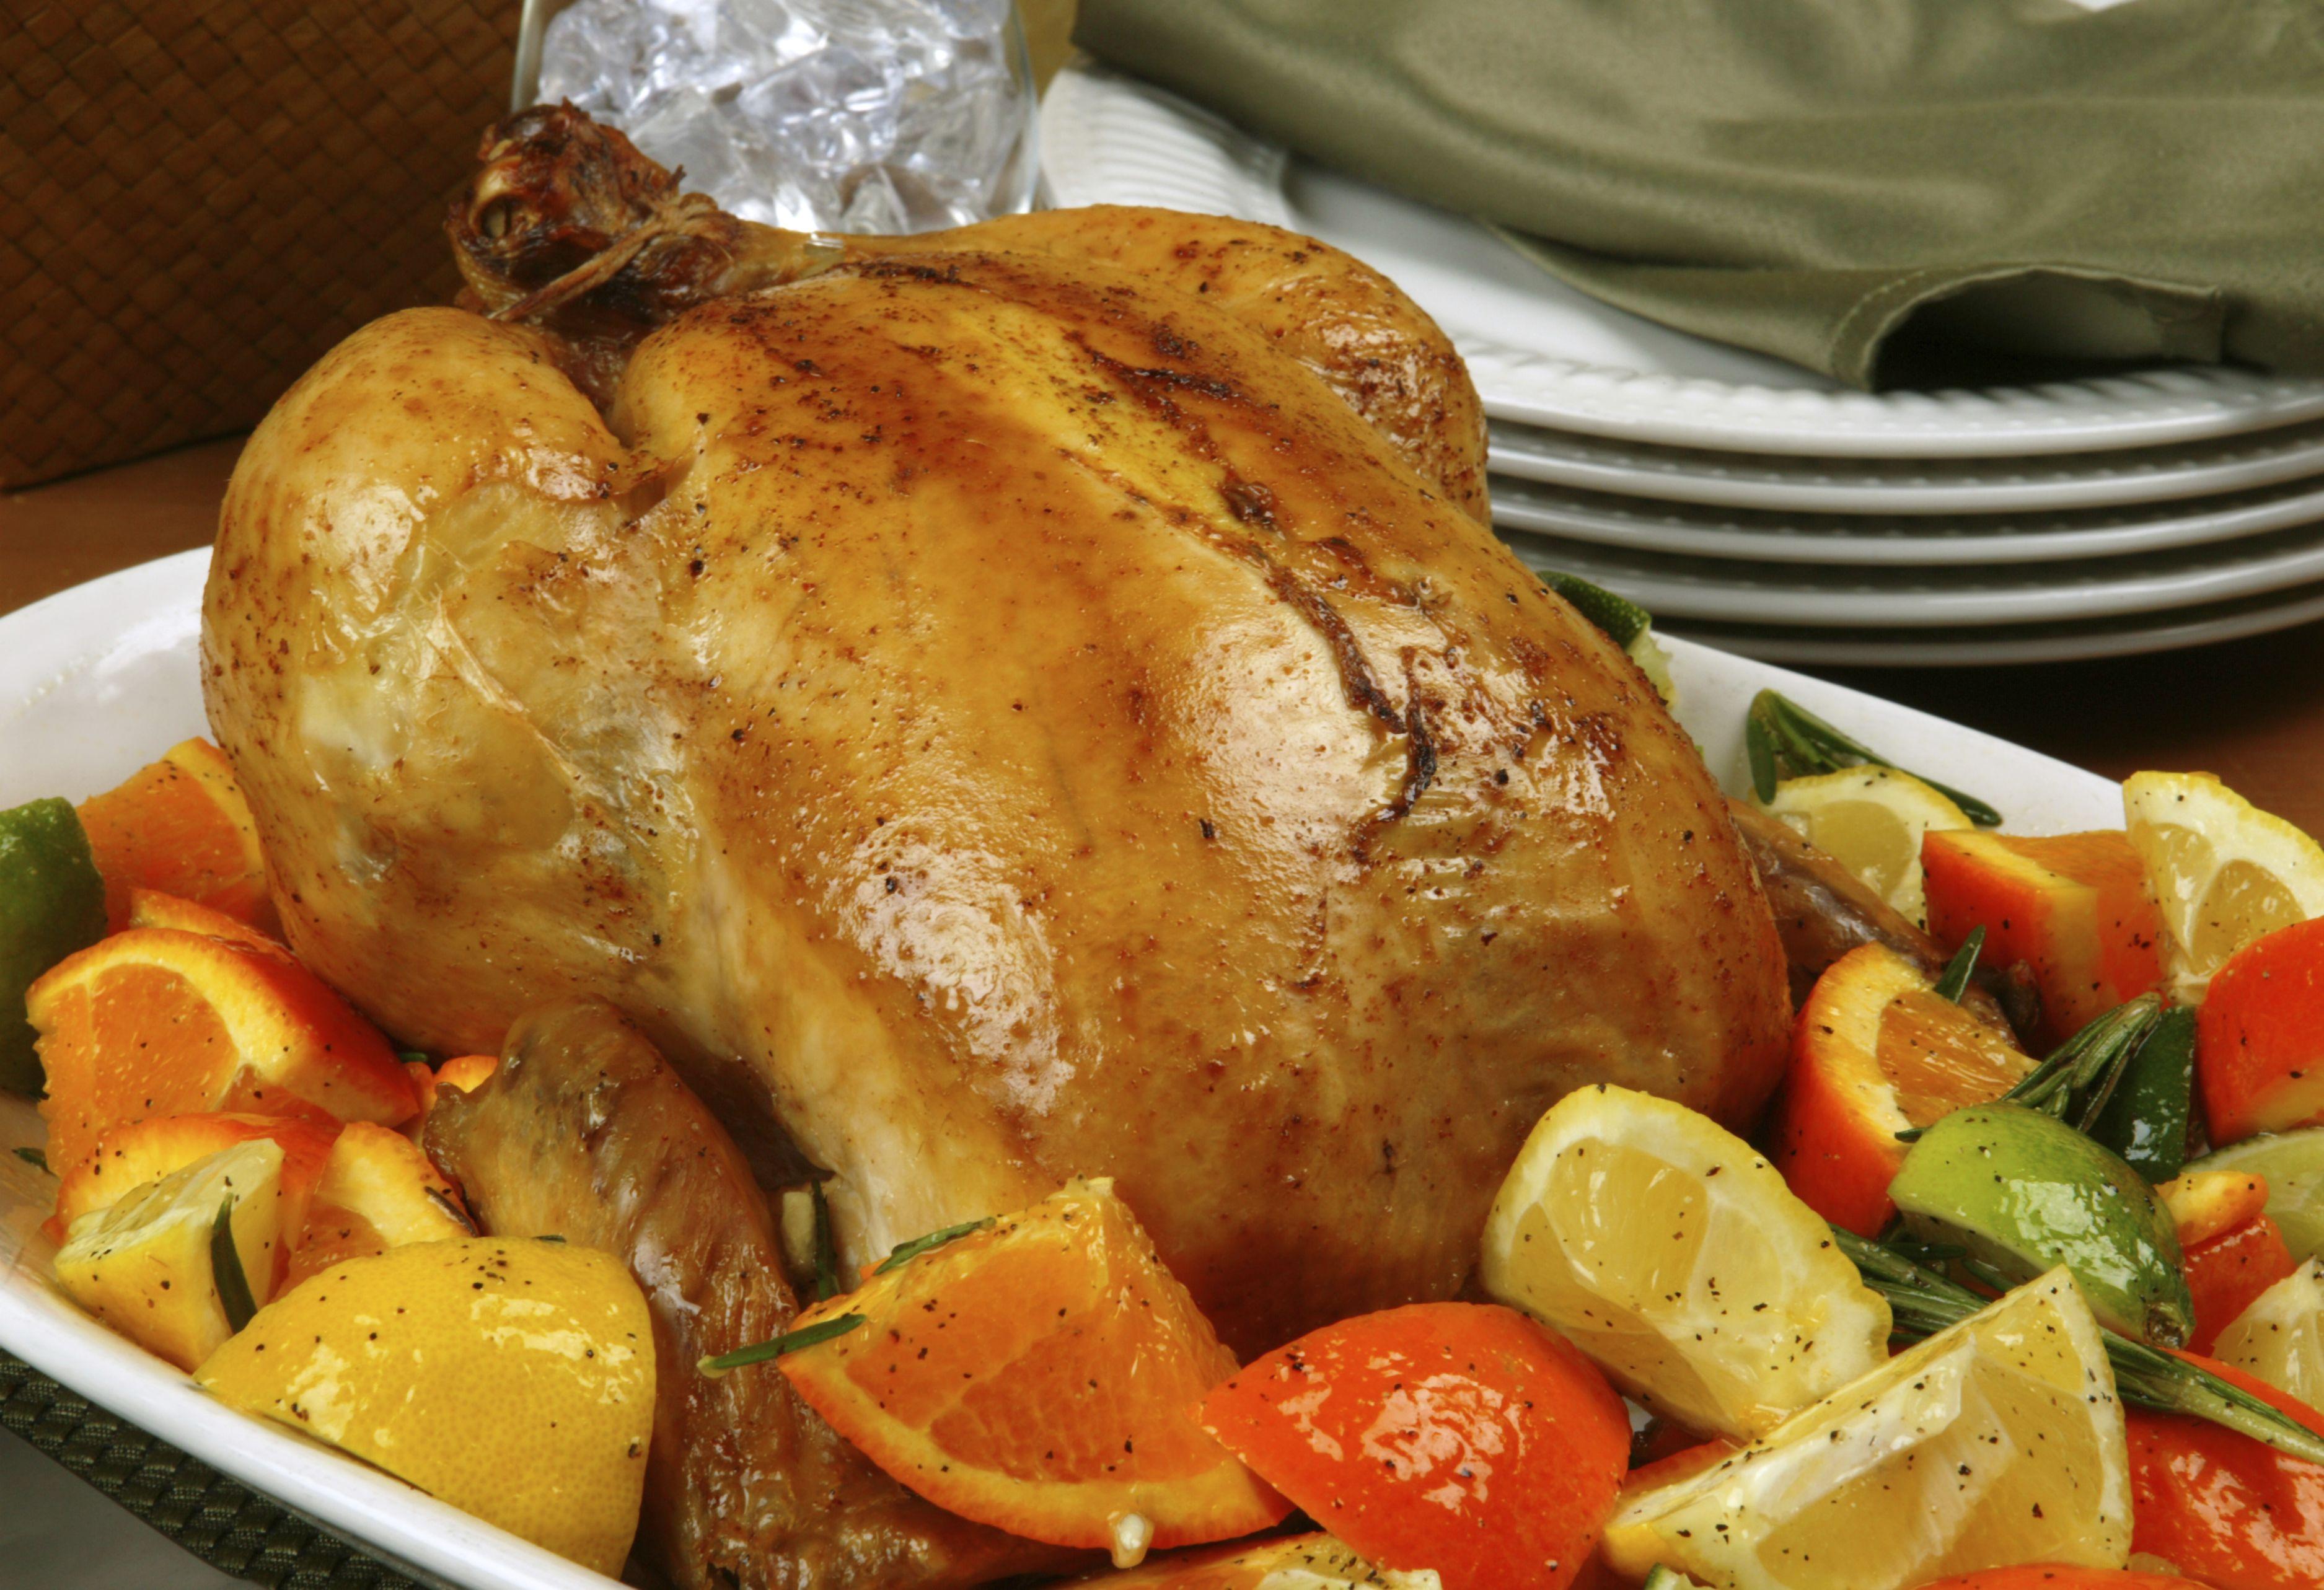 hetvegi ebed sult csirke